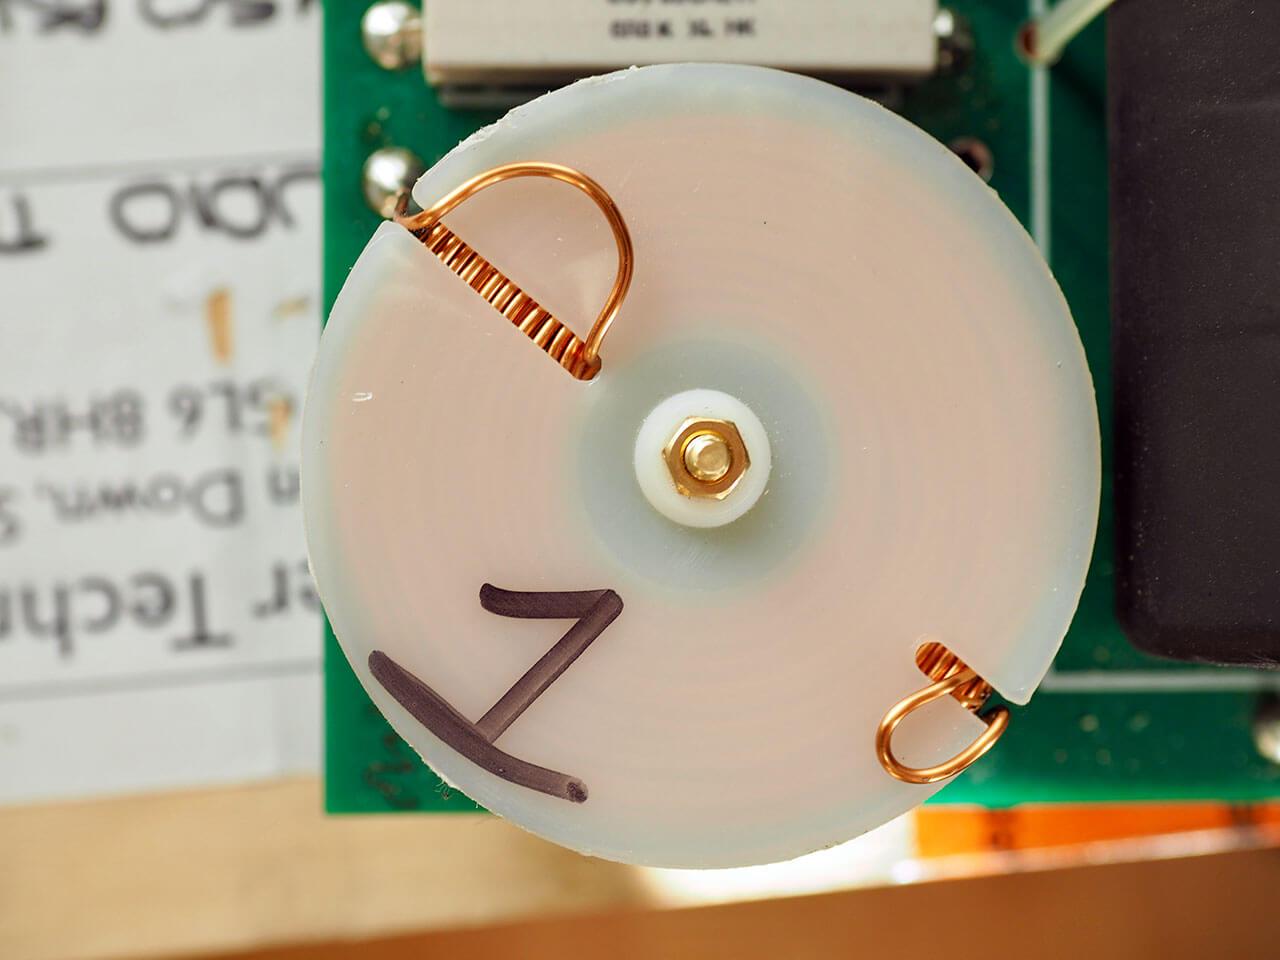 Selbstgewickelt: Spule auf der Frequenzweiche der ATC SCM50PSL